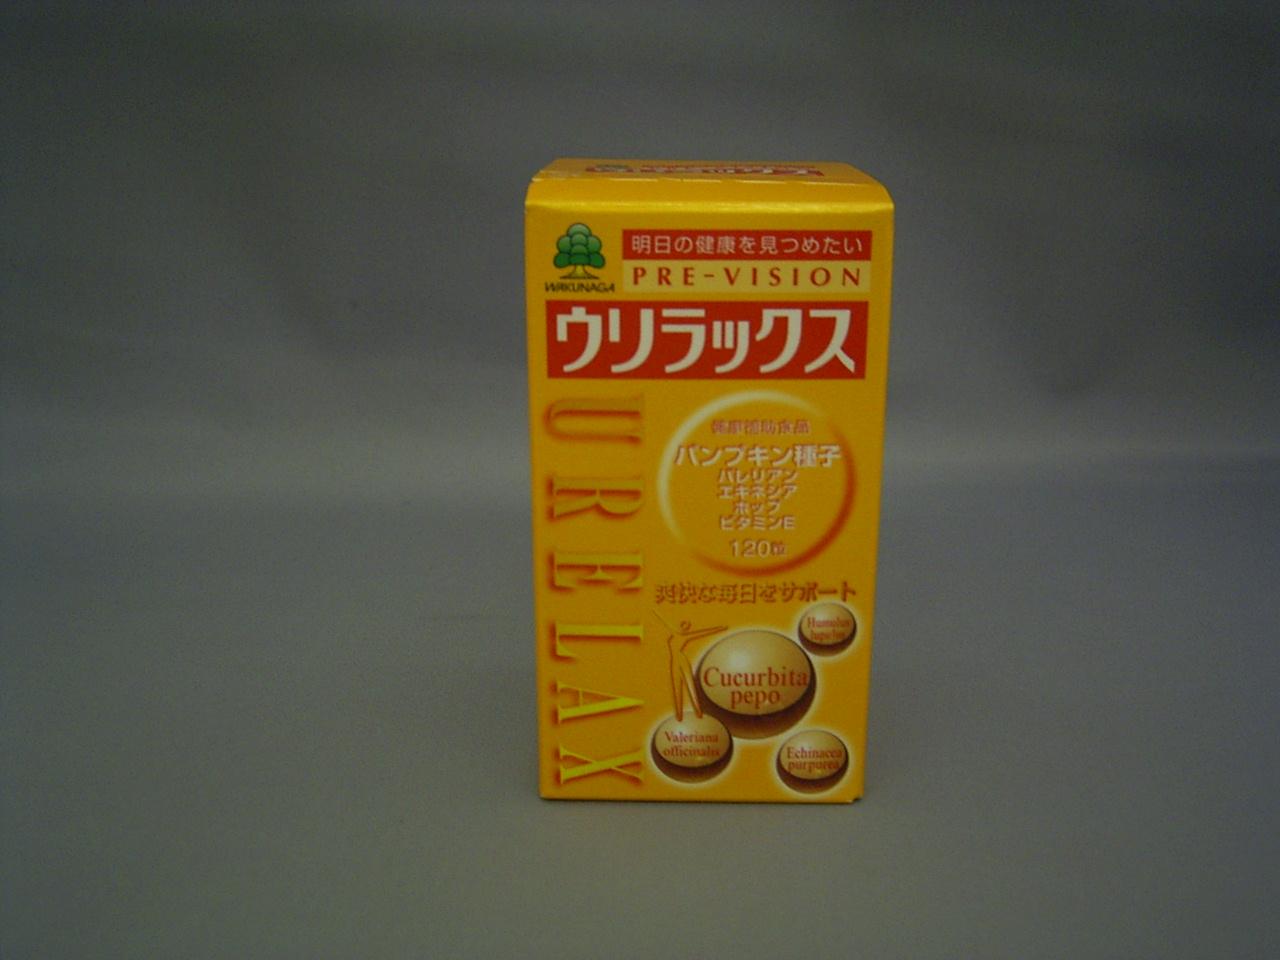 ウリラックス 120粒【smtb-k】【w3】